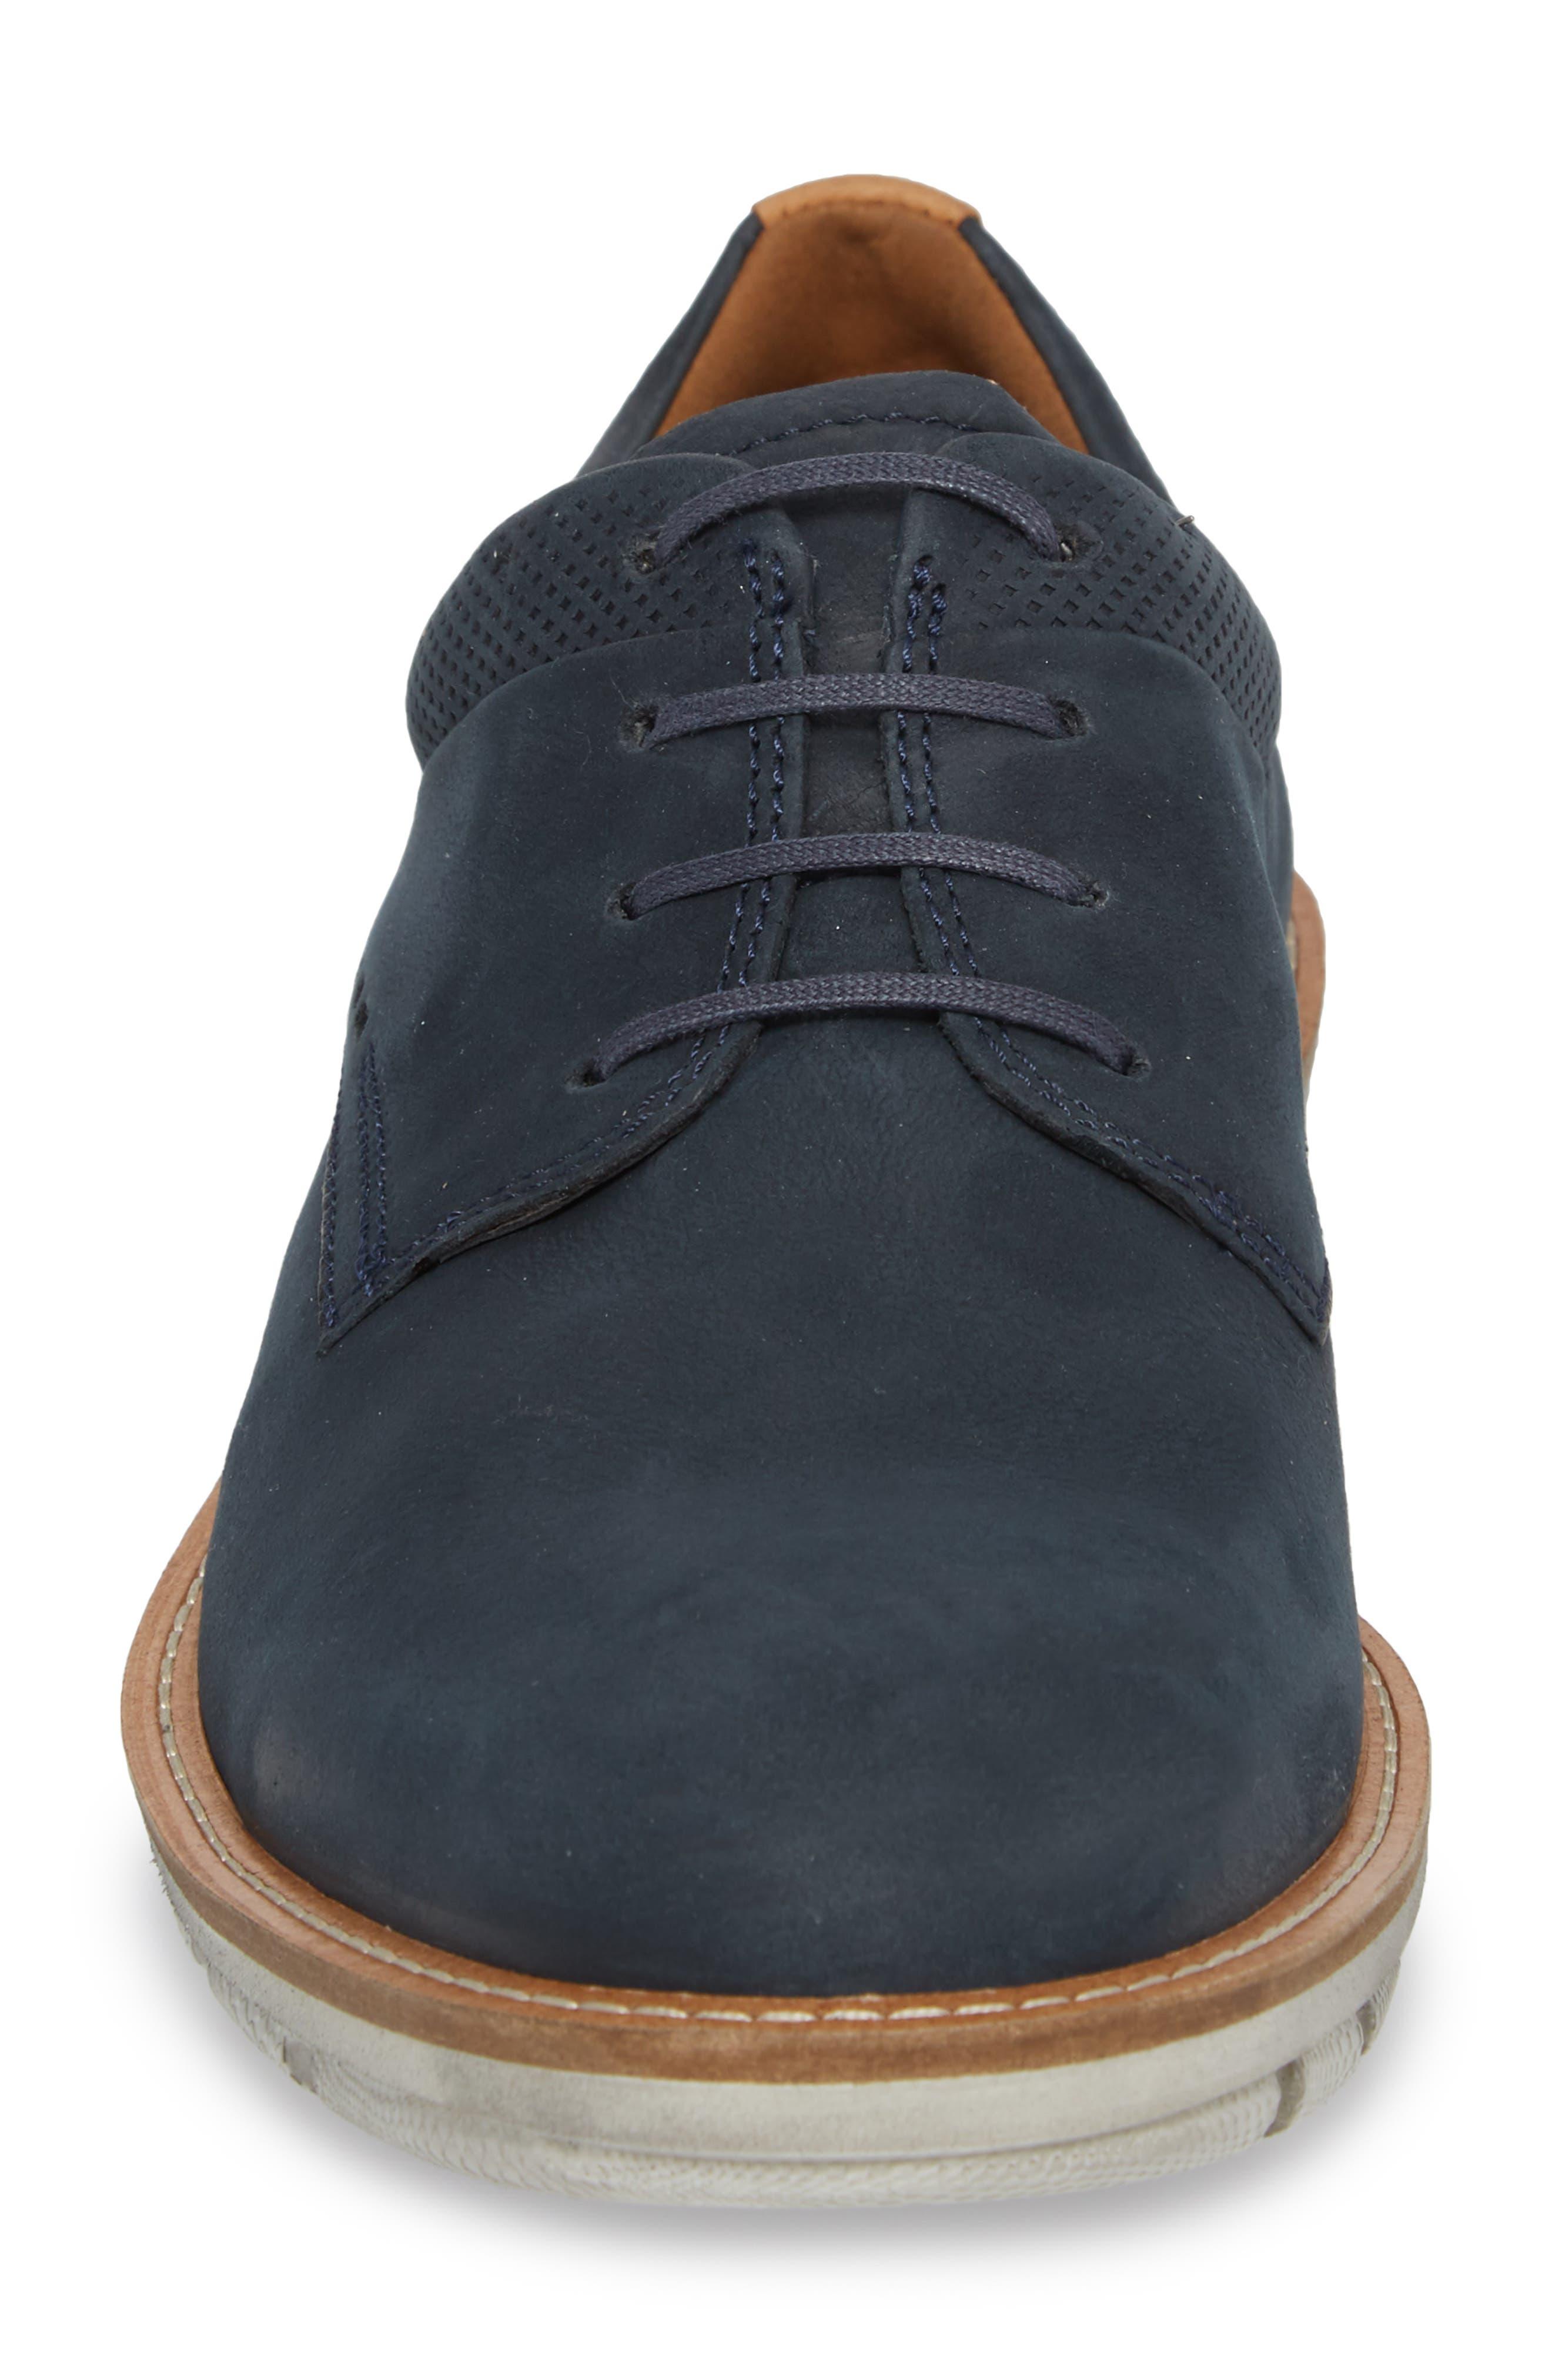 Jeremy Hybrid Plain Toe Derby,                             Alternate thumbnail 3, color,                             Navy Leather